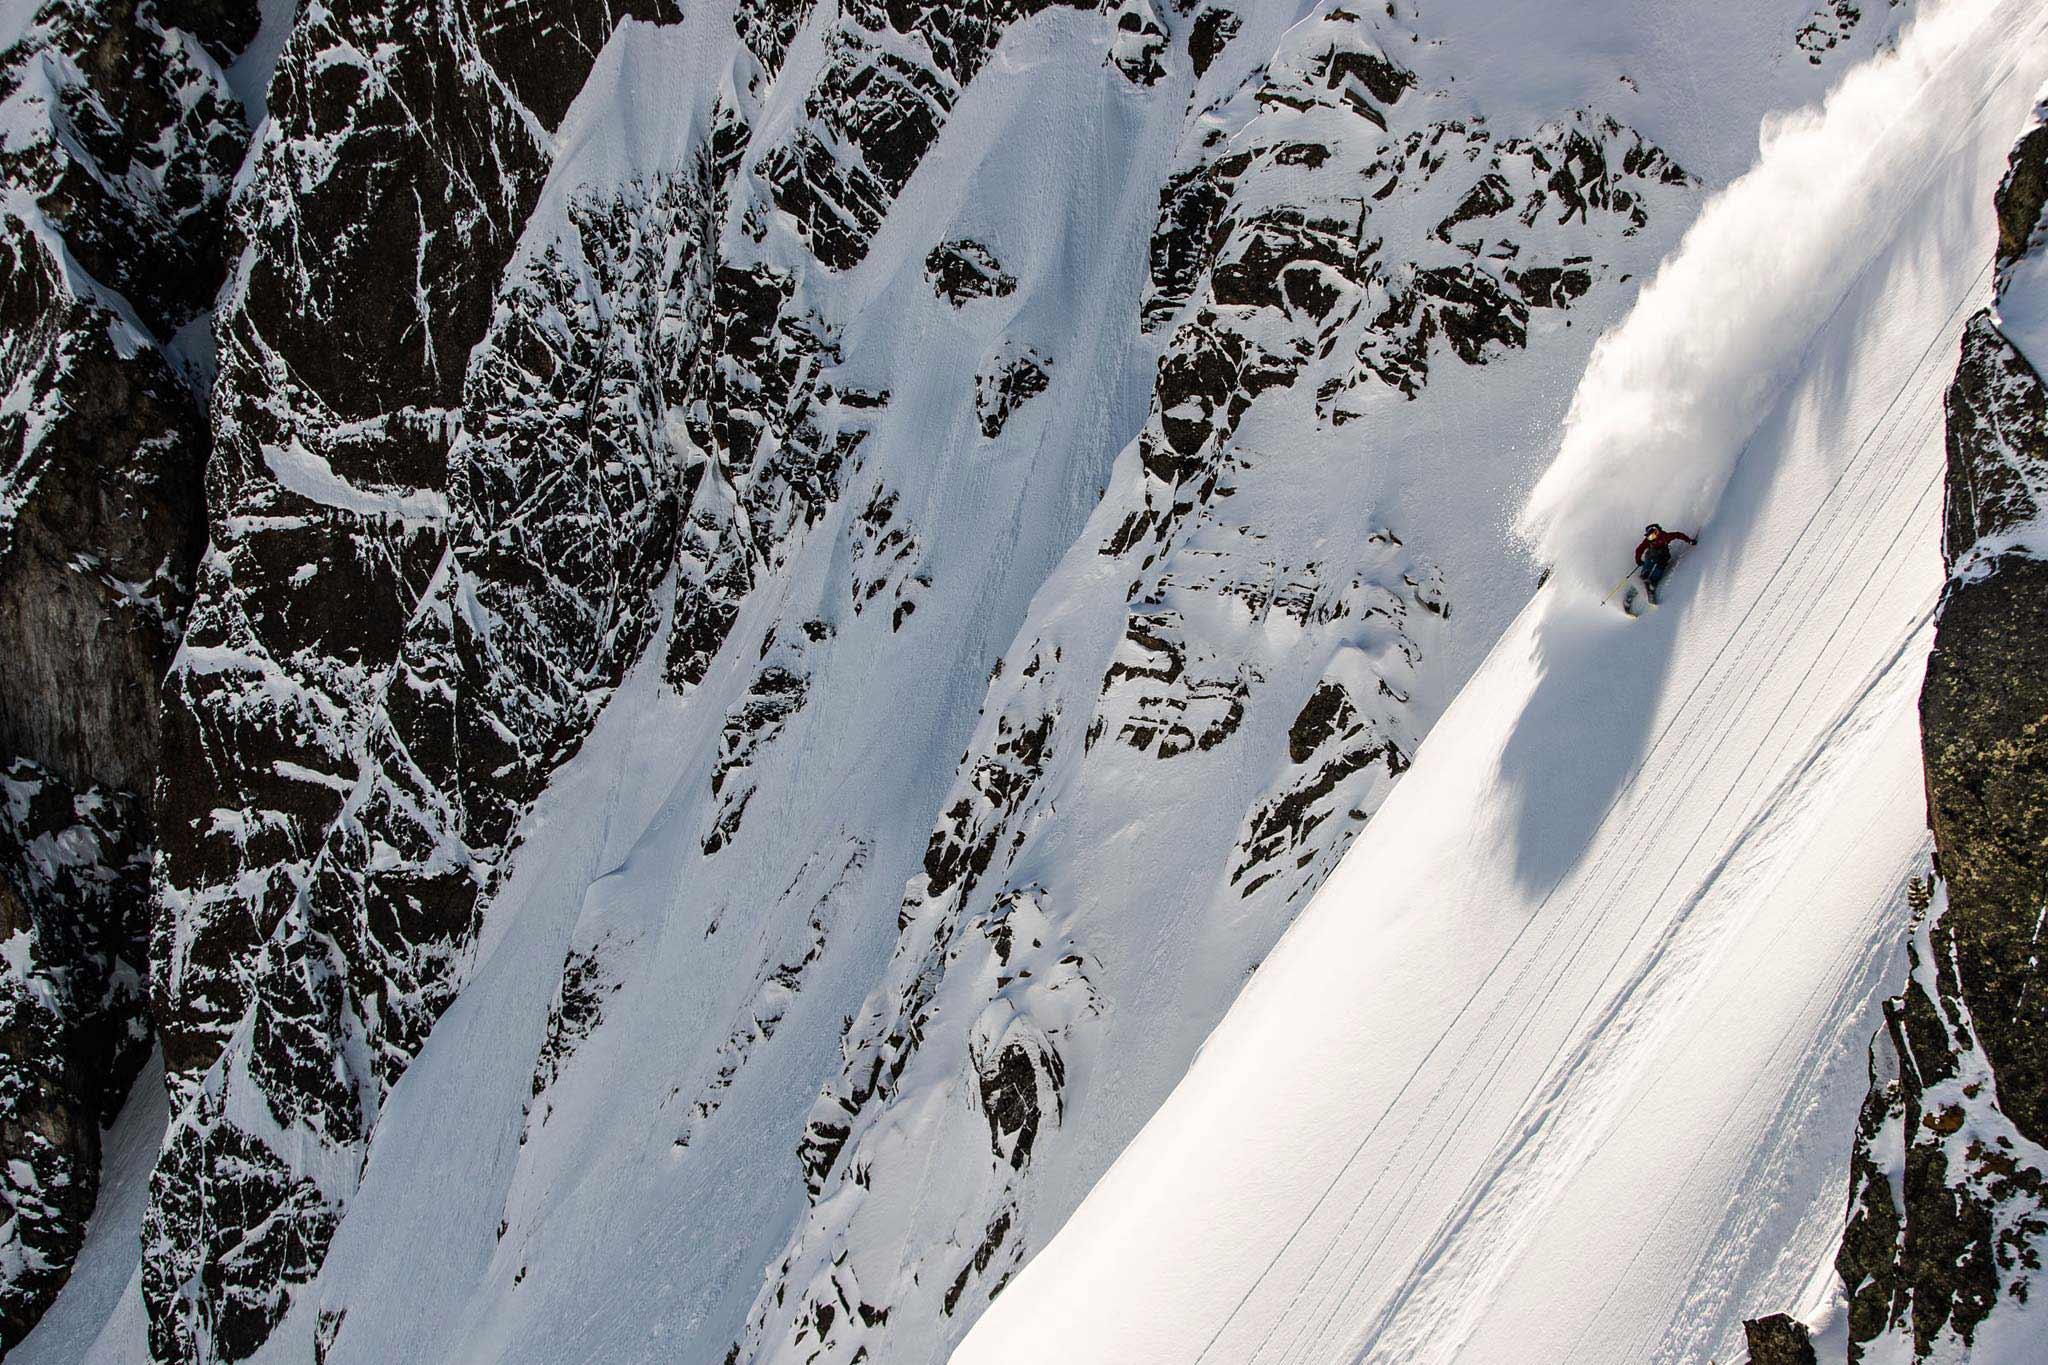 Die Snowmads-Crew ist immer auf der Suche nach unverspurten Hängen und dem besten Powder. - Rider: Fabi Lentsch - Foto: Flo Breitenberger